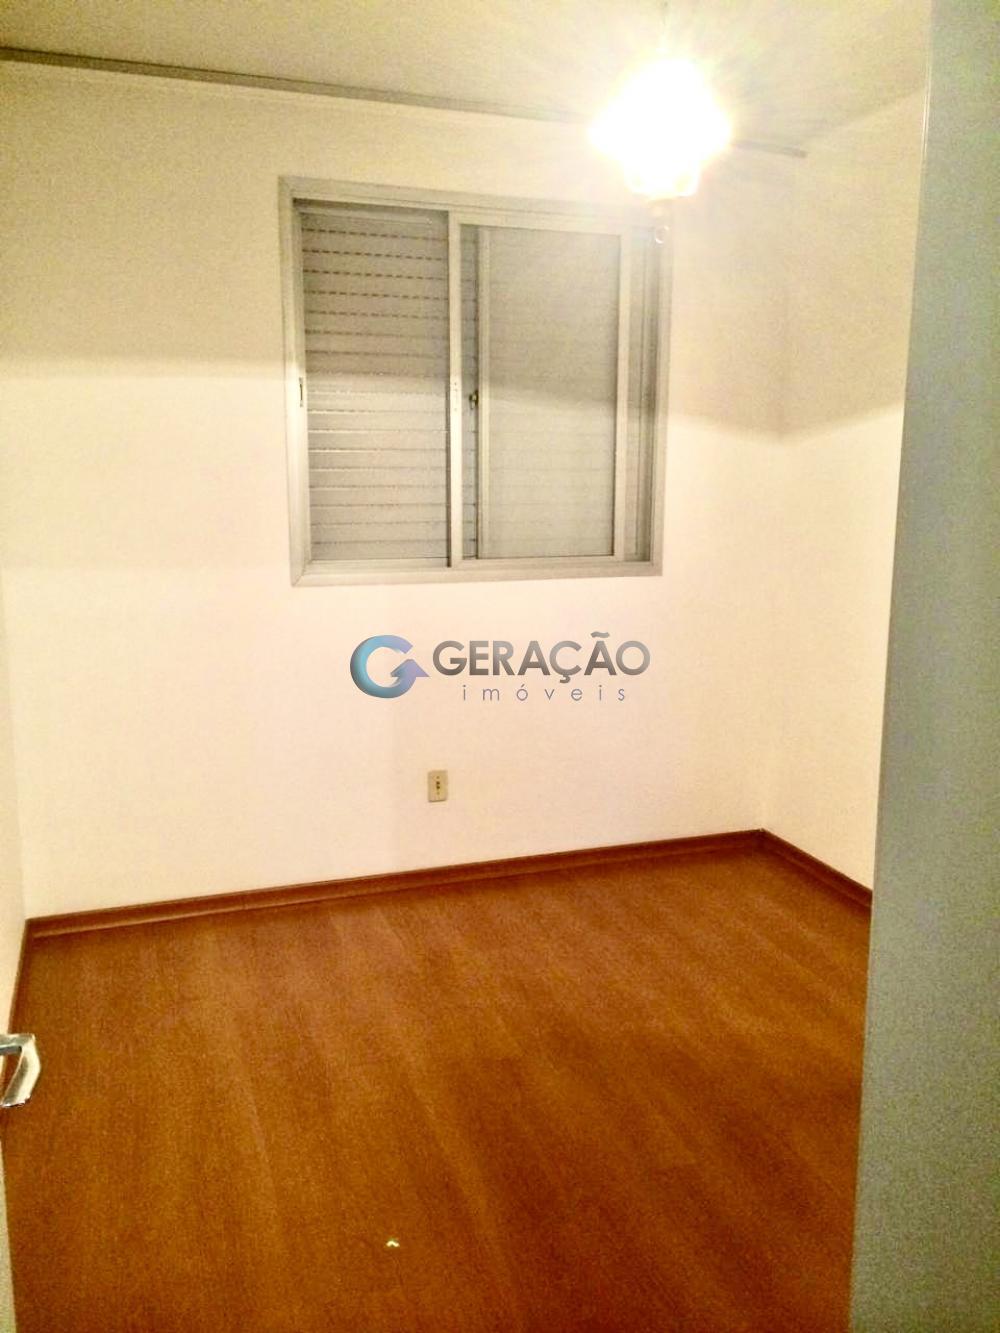 Alugar Apartamento / Padrão em São José dos Campos R$ 1.550,00 - Foto 13